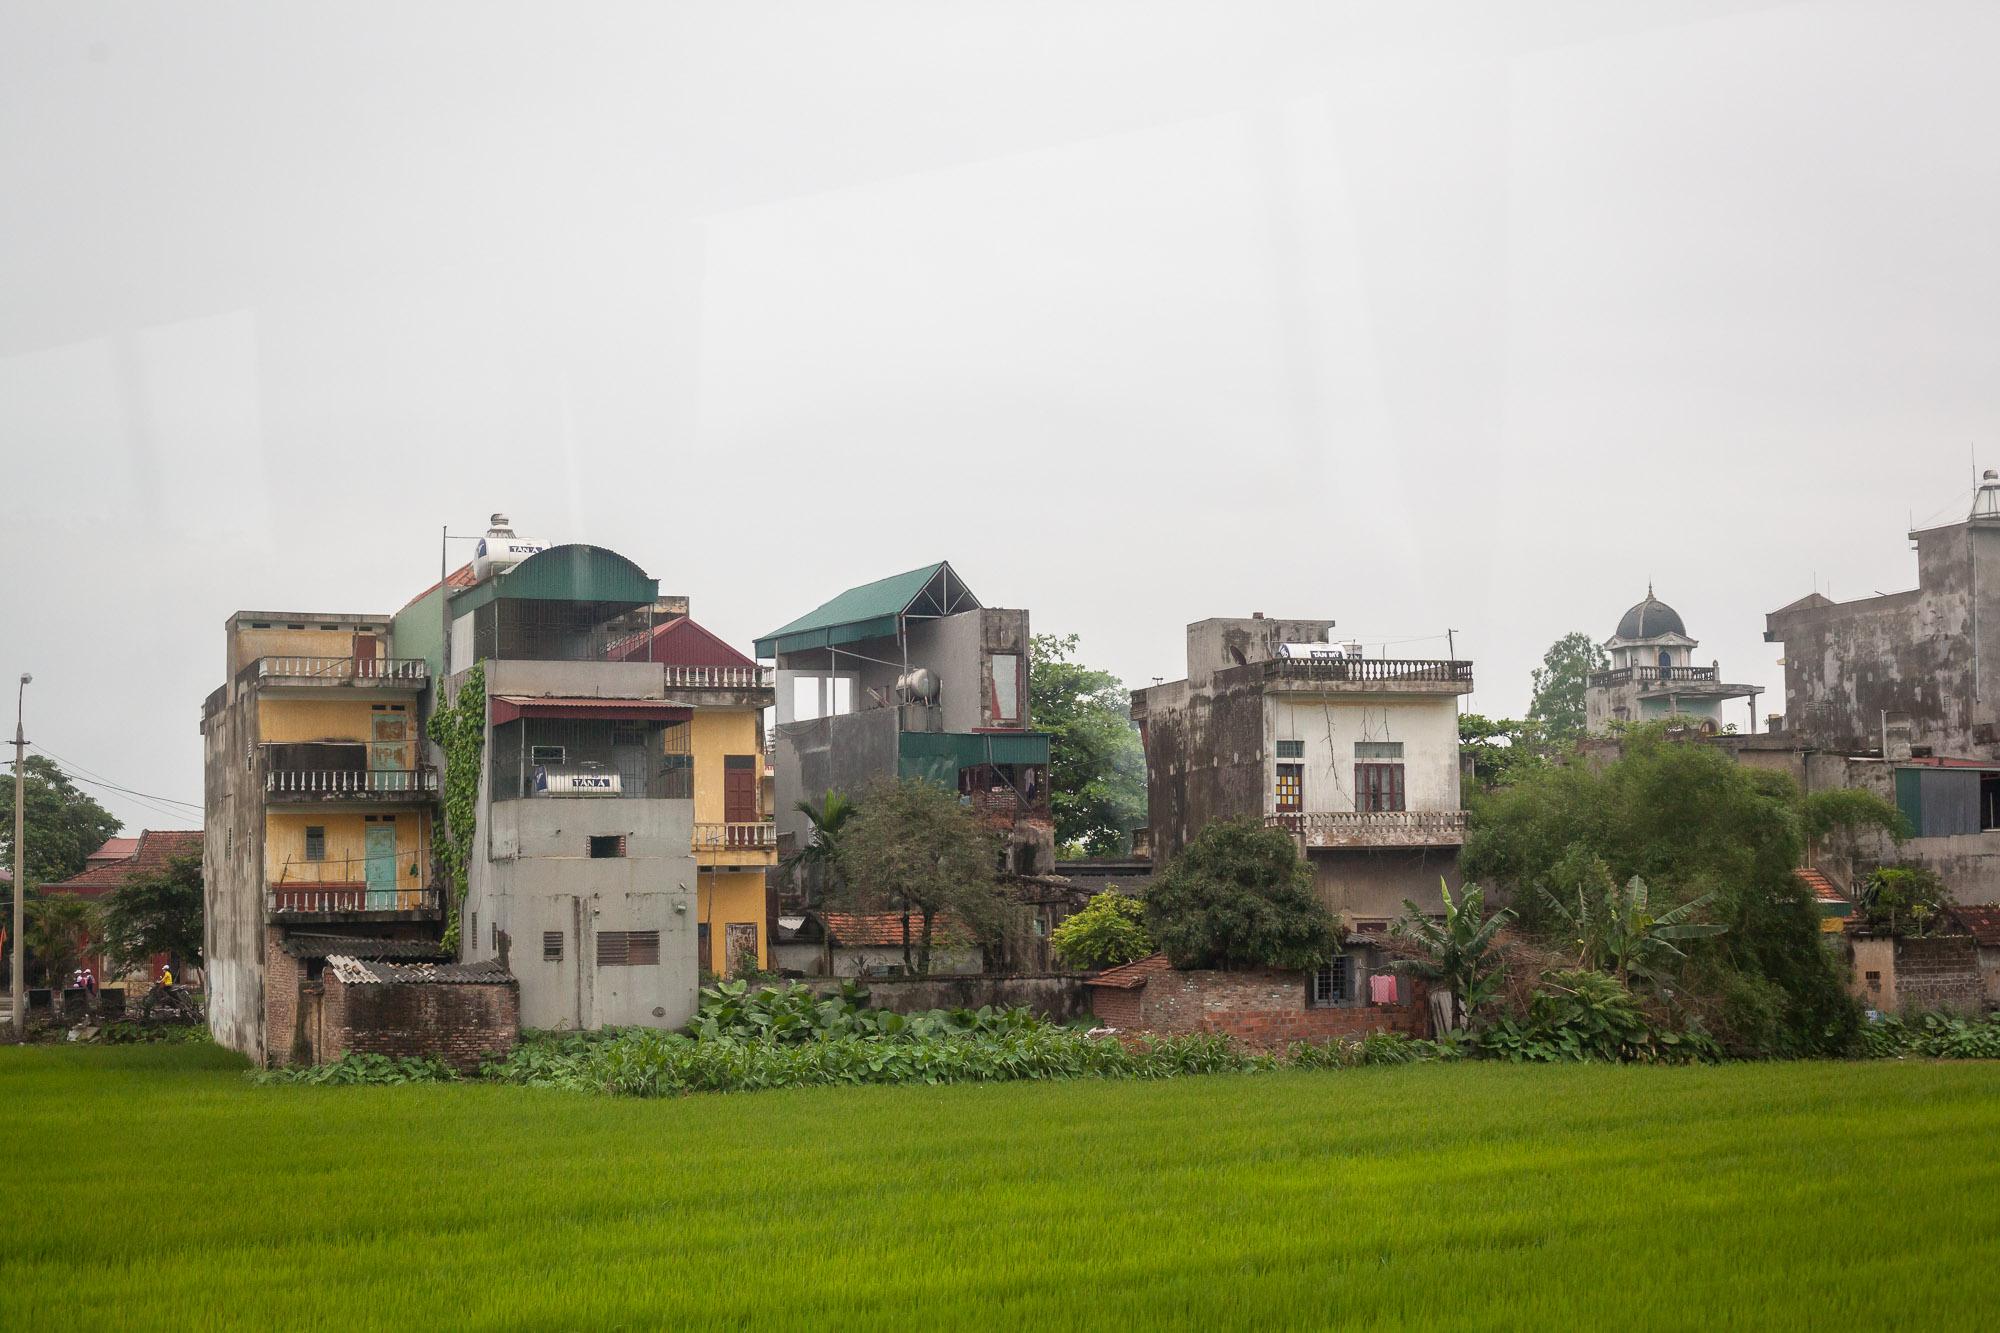 Wiegelmann-Vietnam-Hanoi-130410-11